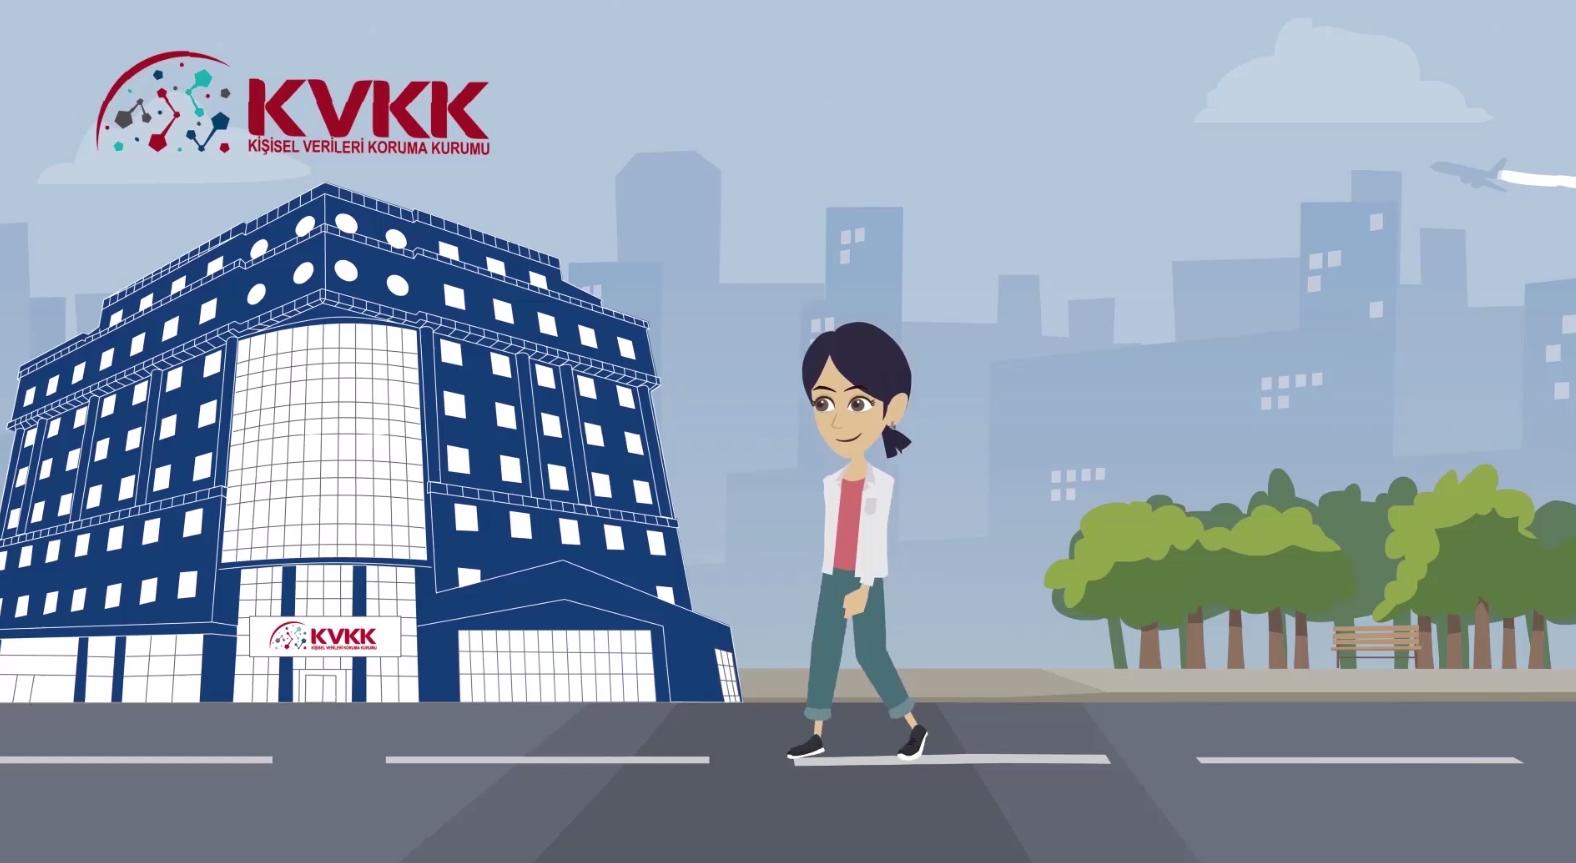 KVKK: Kişisel Verilerin Korunması